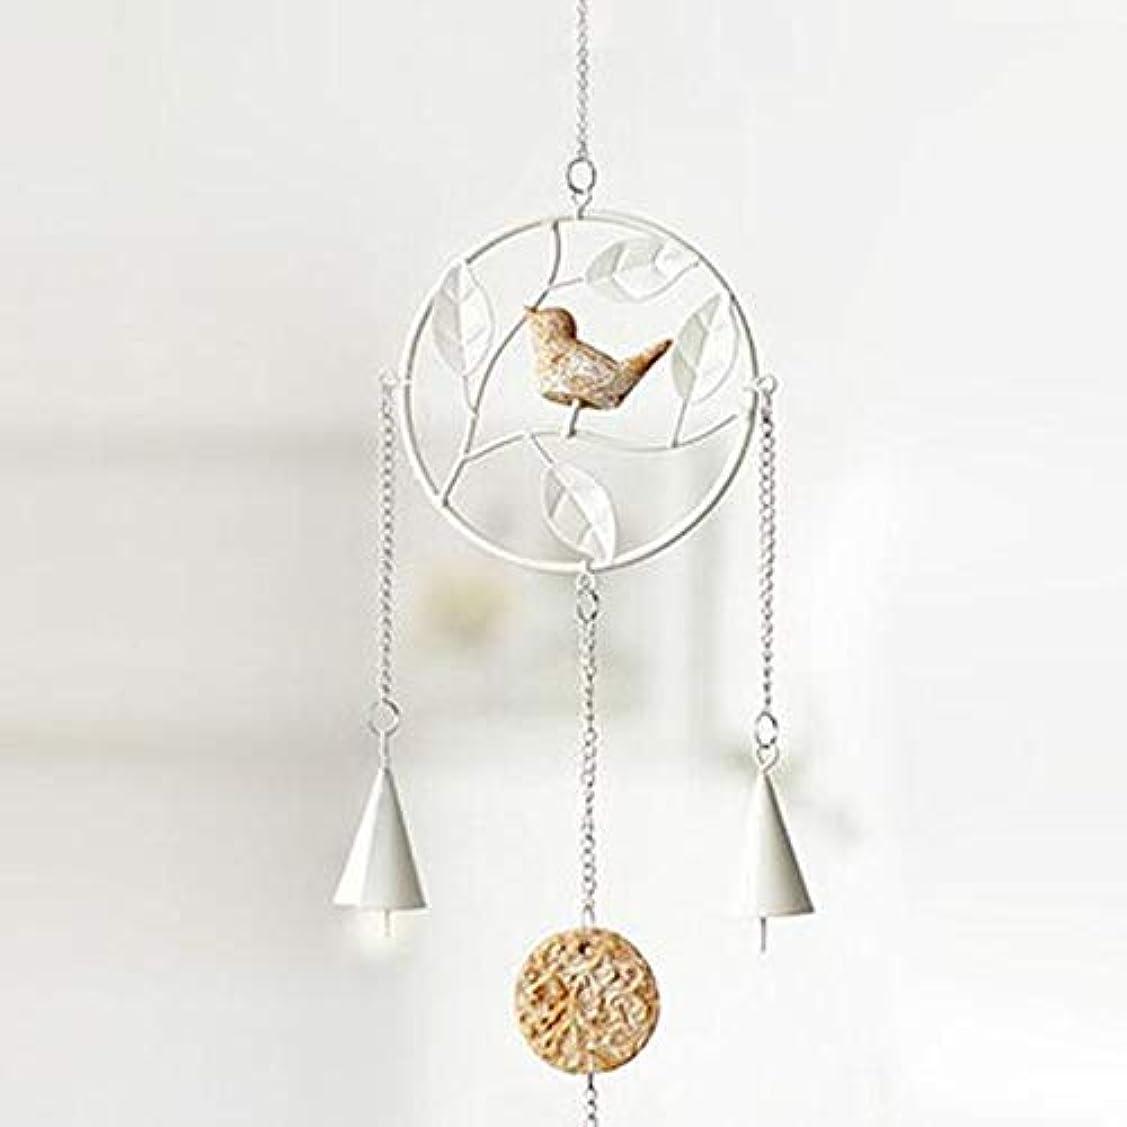 クレデンシャル鳴らす酔っ払いHongyuantongxun 風チャイム、アイアンクリエイティブ手作りの鳥風チャイム、グレー、全身について56センチ,、装飾品ペンダント (Color : Round White)